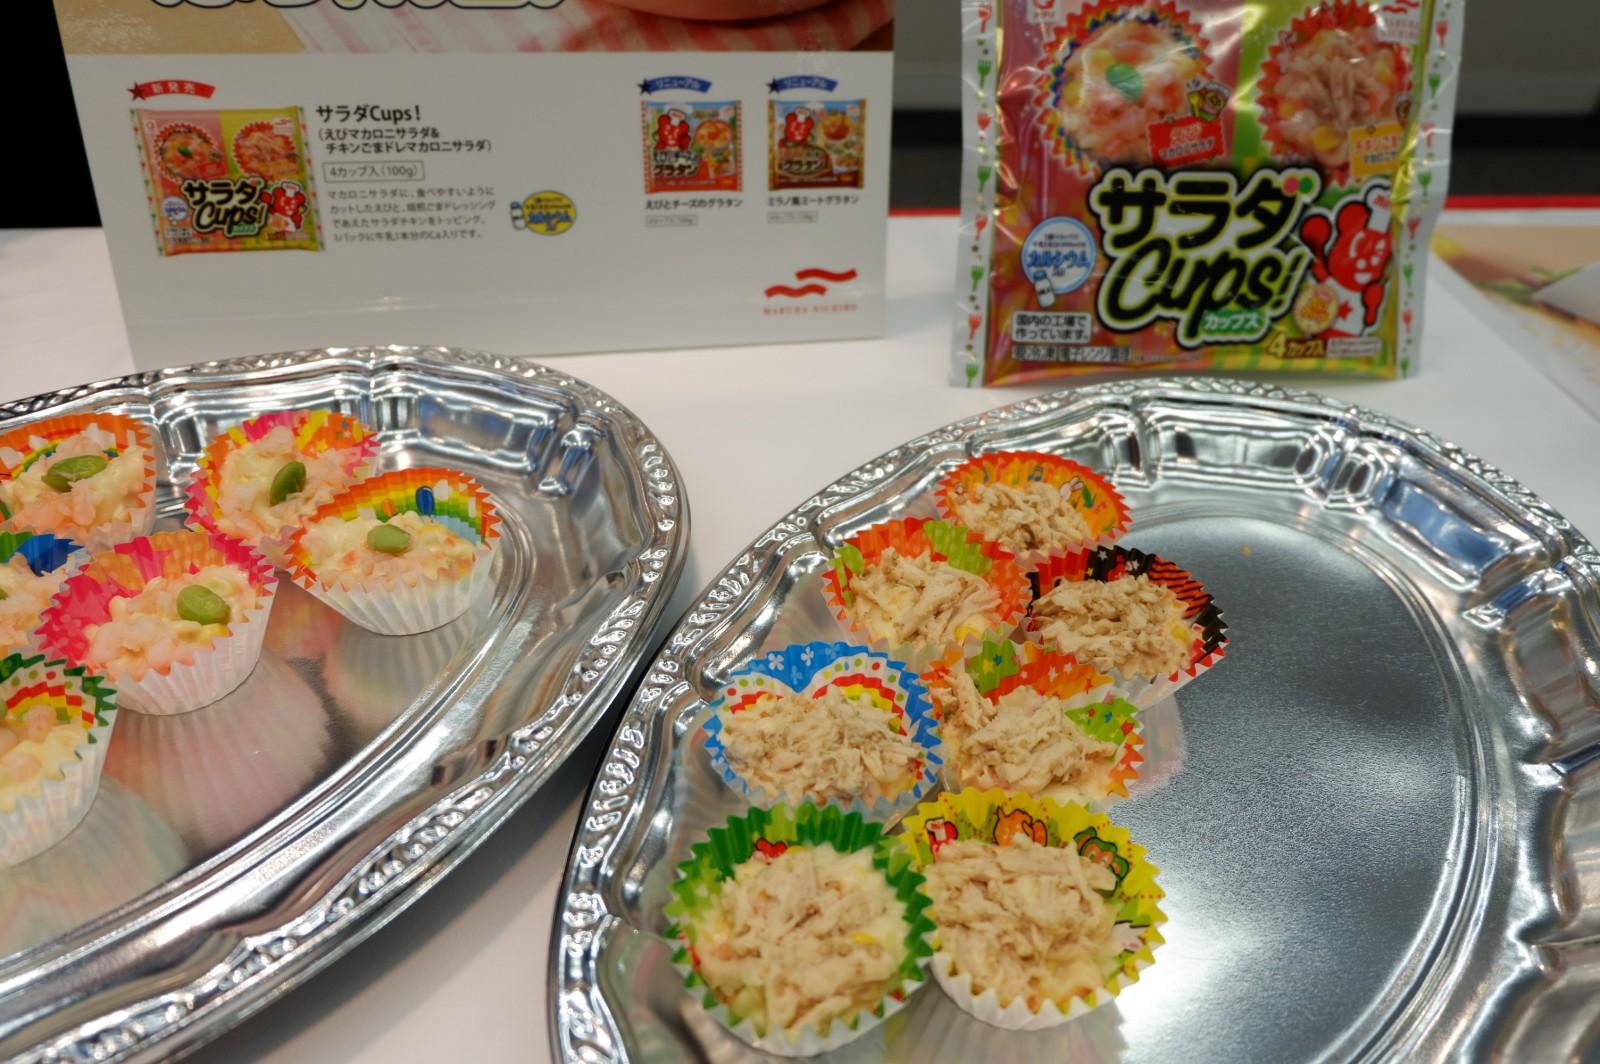 「くまちゃん占い」にサラダCups! 食べ応えあるマカロニサラダ2種アソート